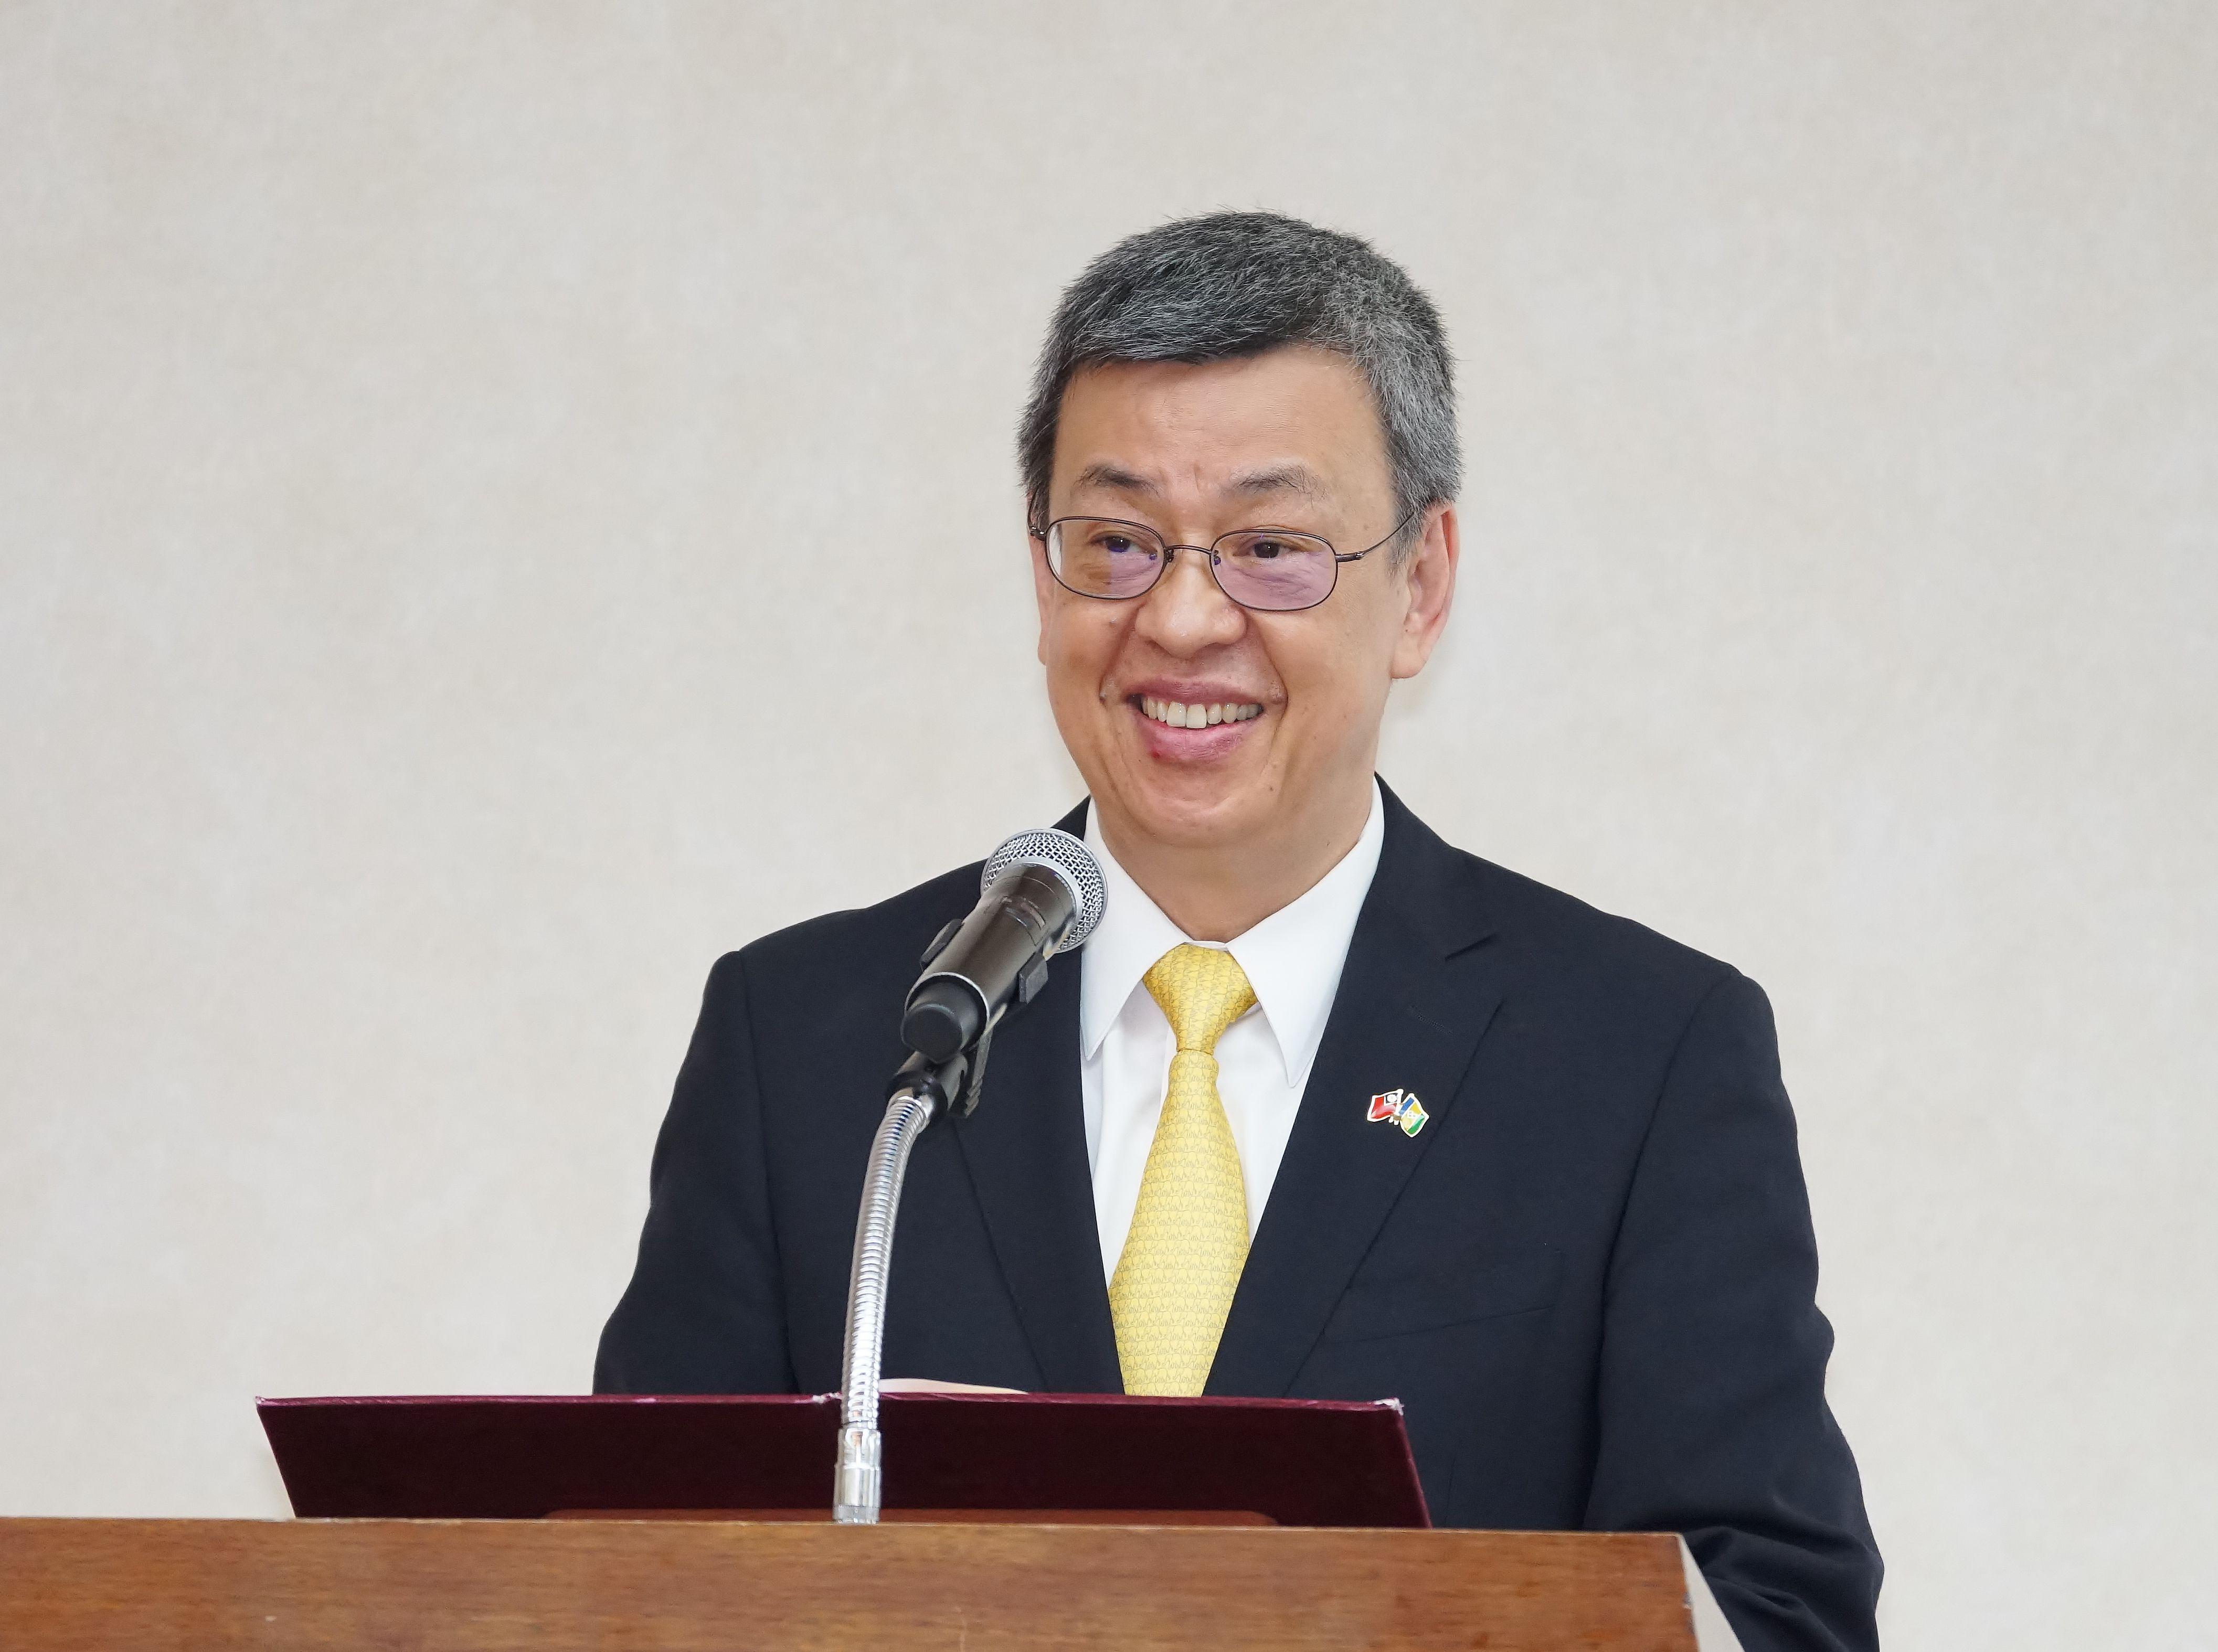 20190808-聖文森駐台大使館揭牌典禮,副總統陳建仁出席。(盧逸峰攝)